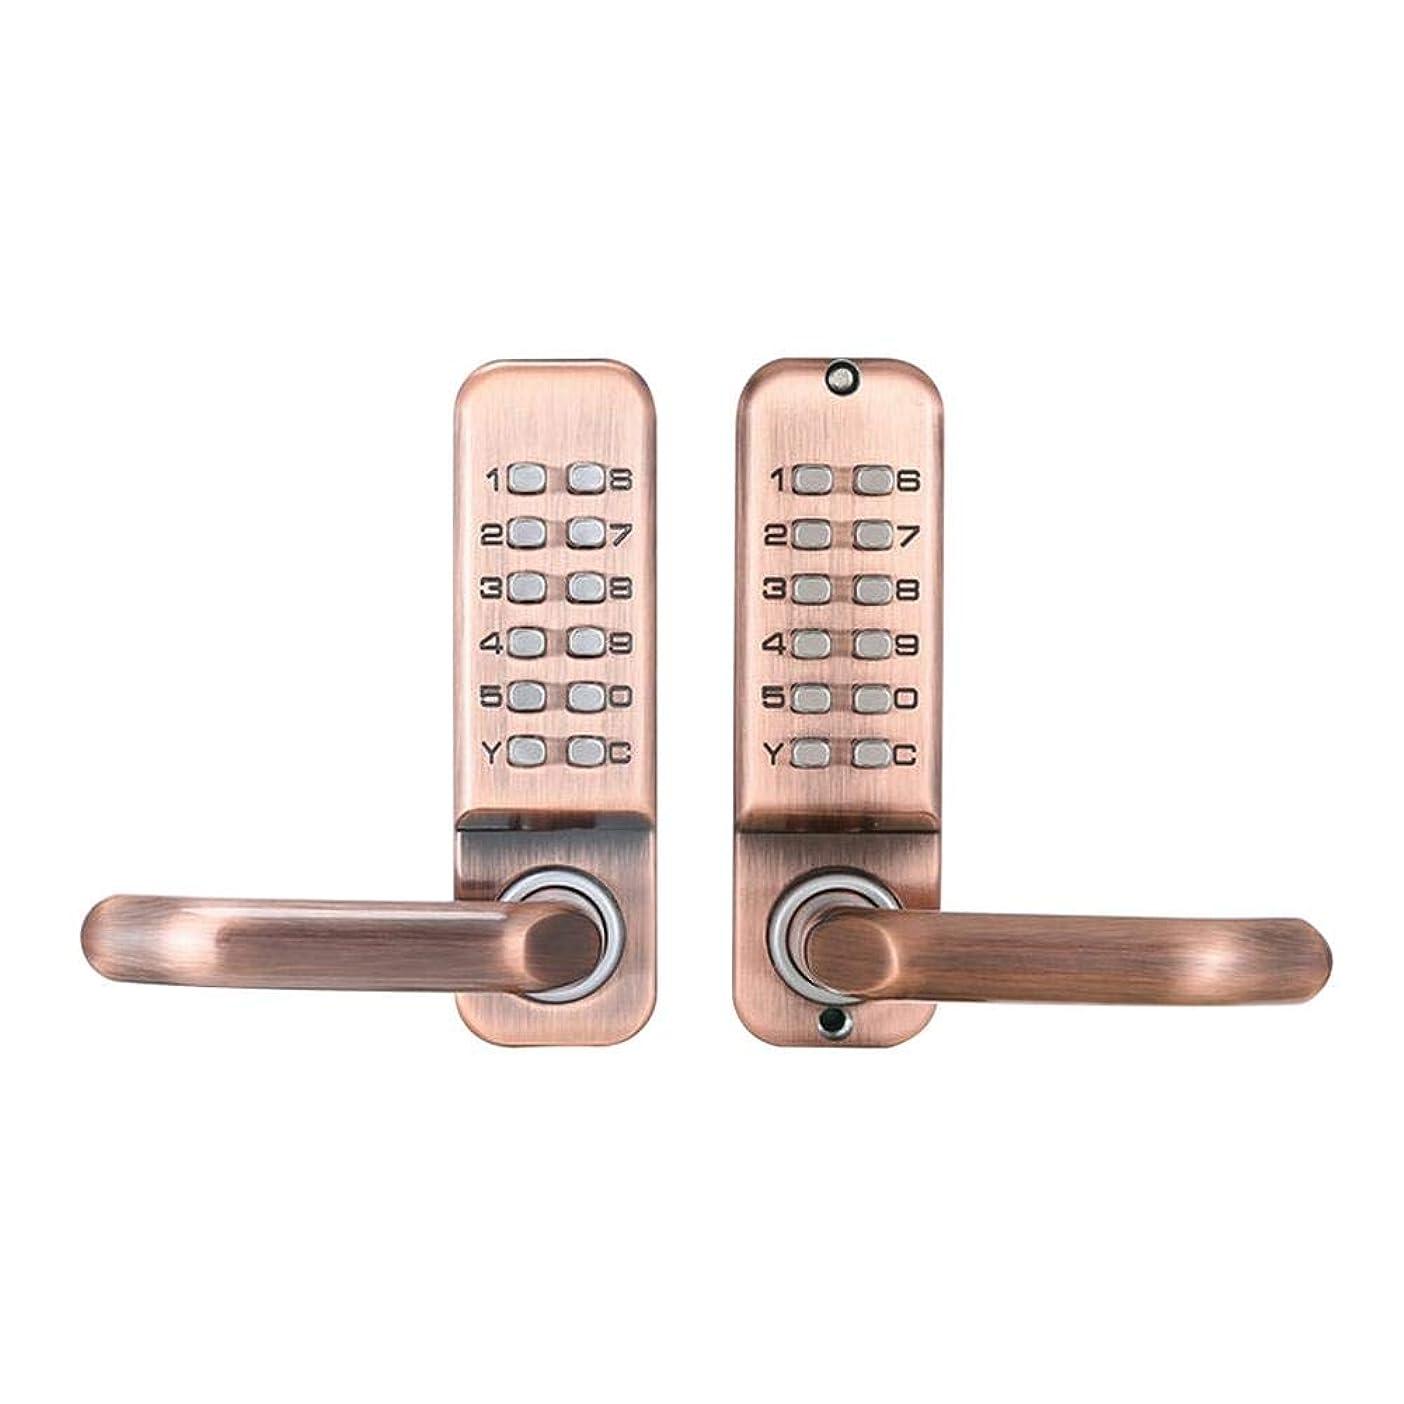 対話パンダ教養があるshuiyxingjp デジタルロック 機械式デジタルドアロック 防水 防錆 スマート ボタン錠 キーレス セキュリティ 防犯対策 ローズゴールド